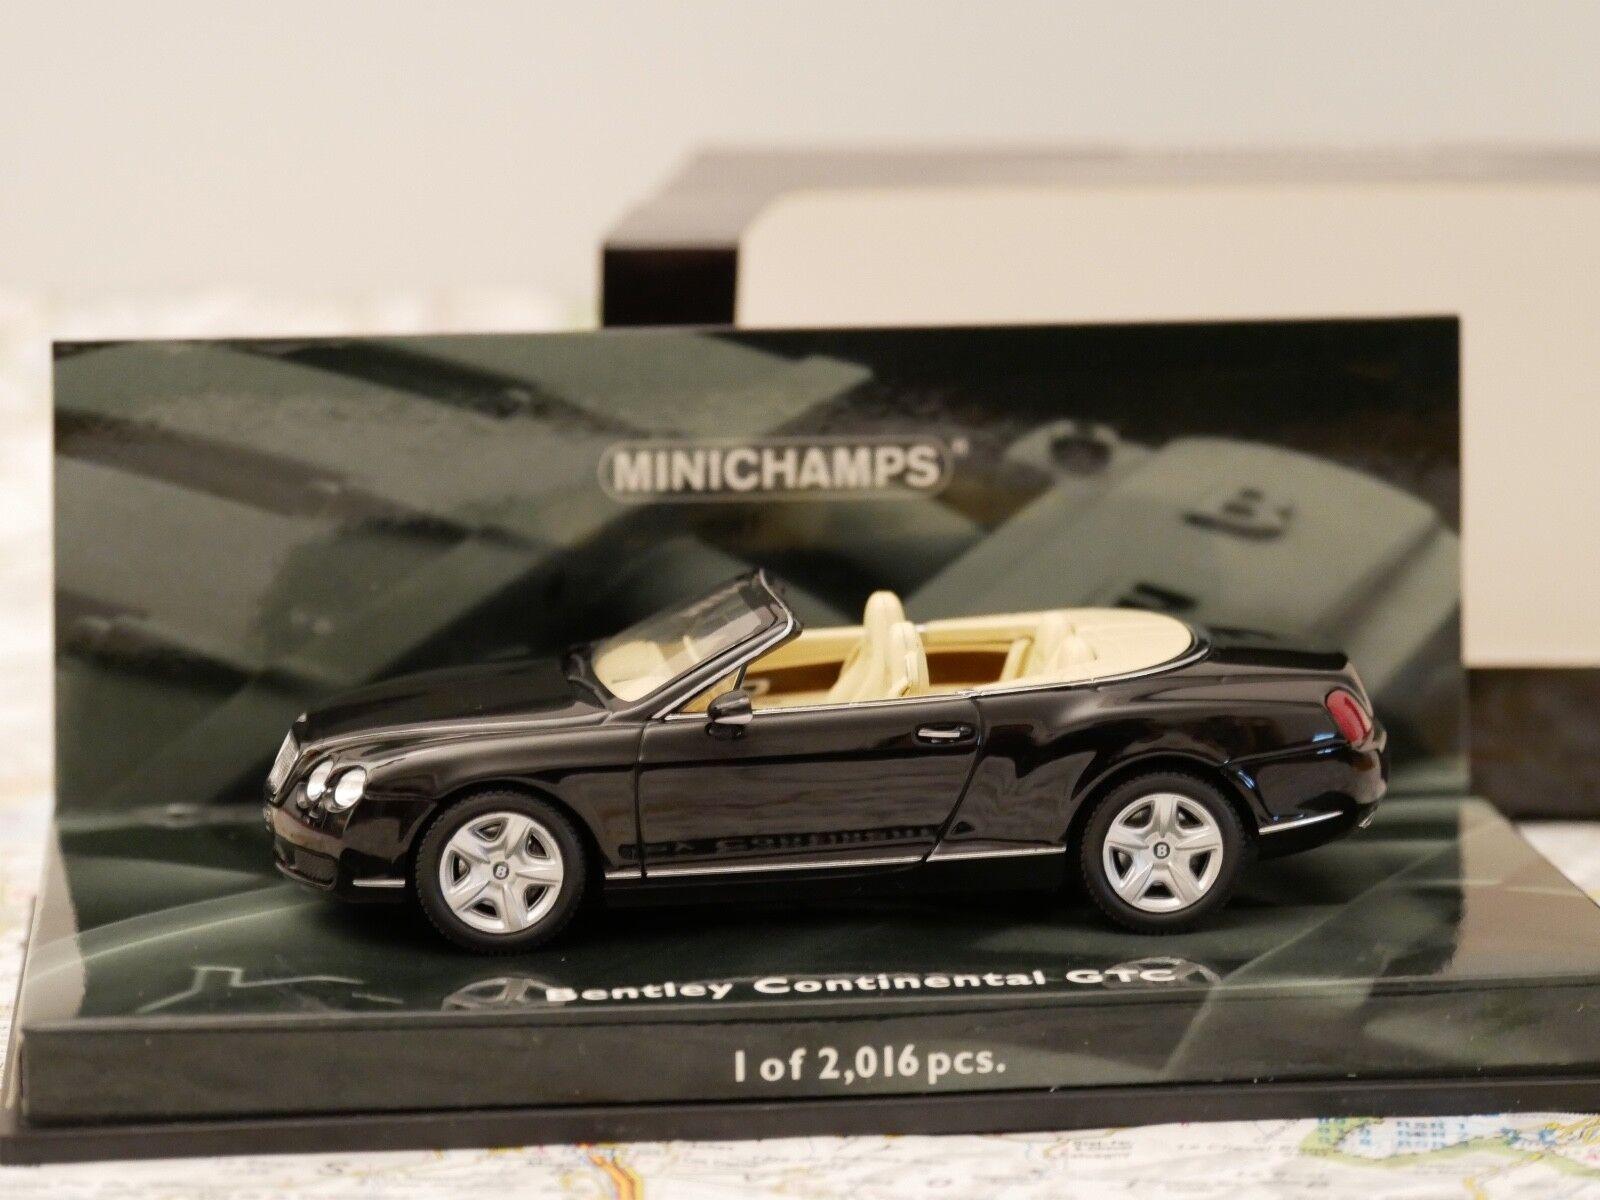 MINICHAMPS BENTLEY CONTINENTAL GTC nero ART.436139030 1 43 NEW DIE-CAST